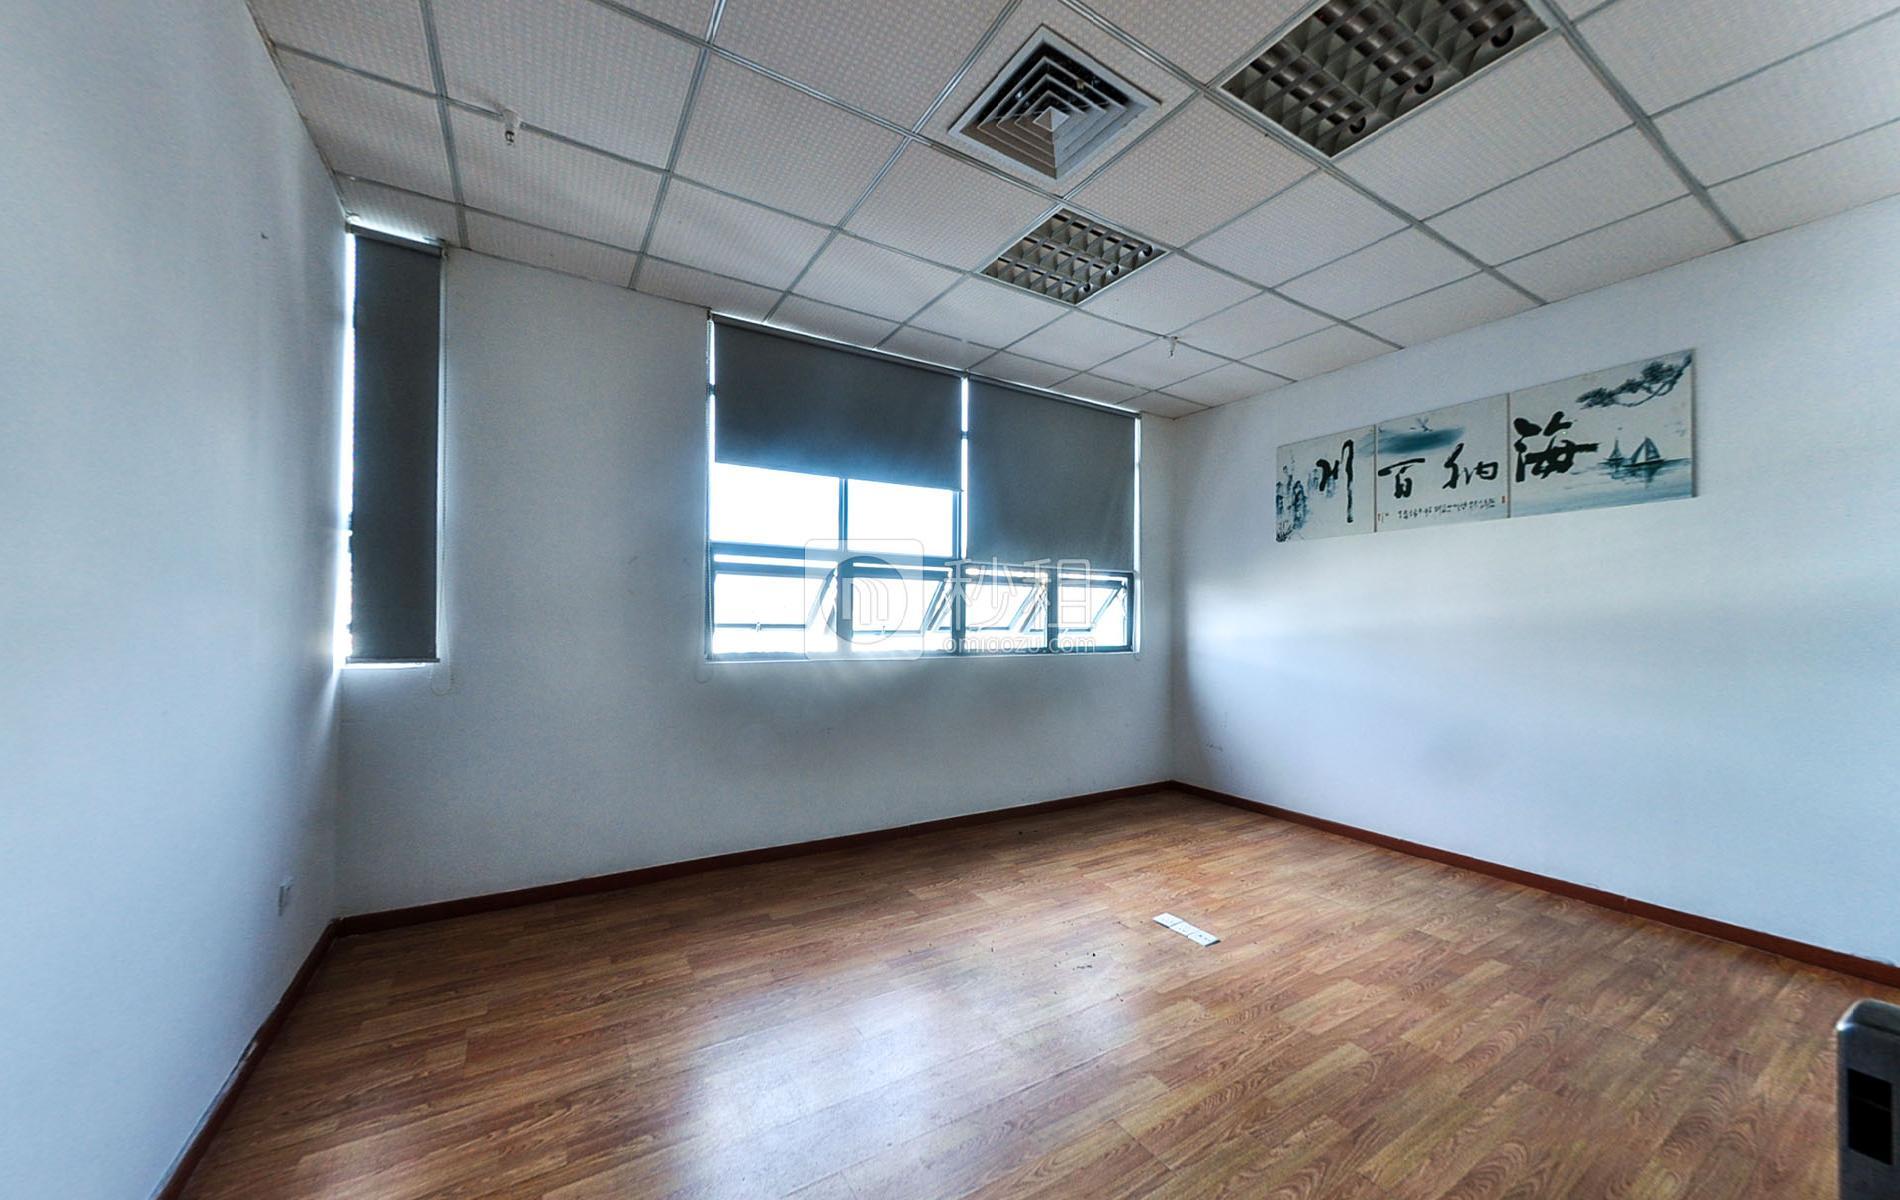 宝安-西乡 宝运达物流信息大厦 152m²